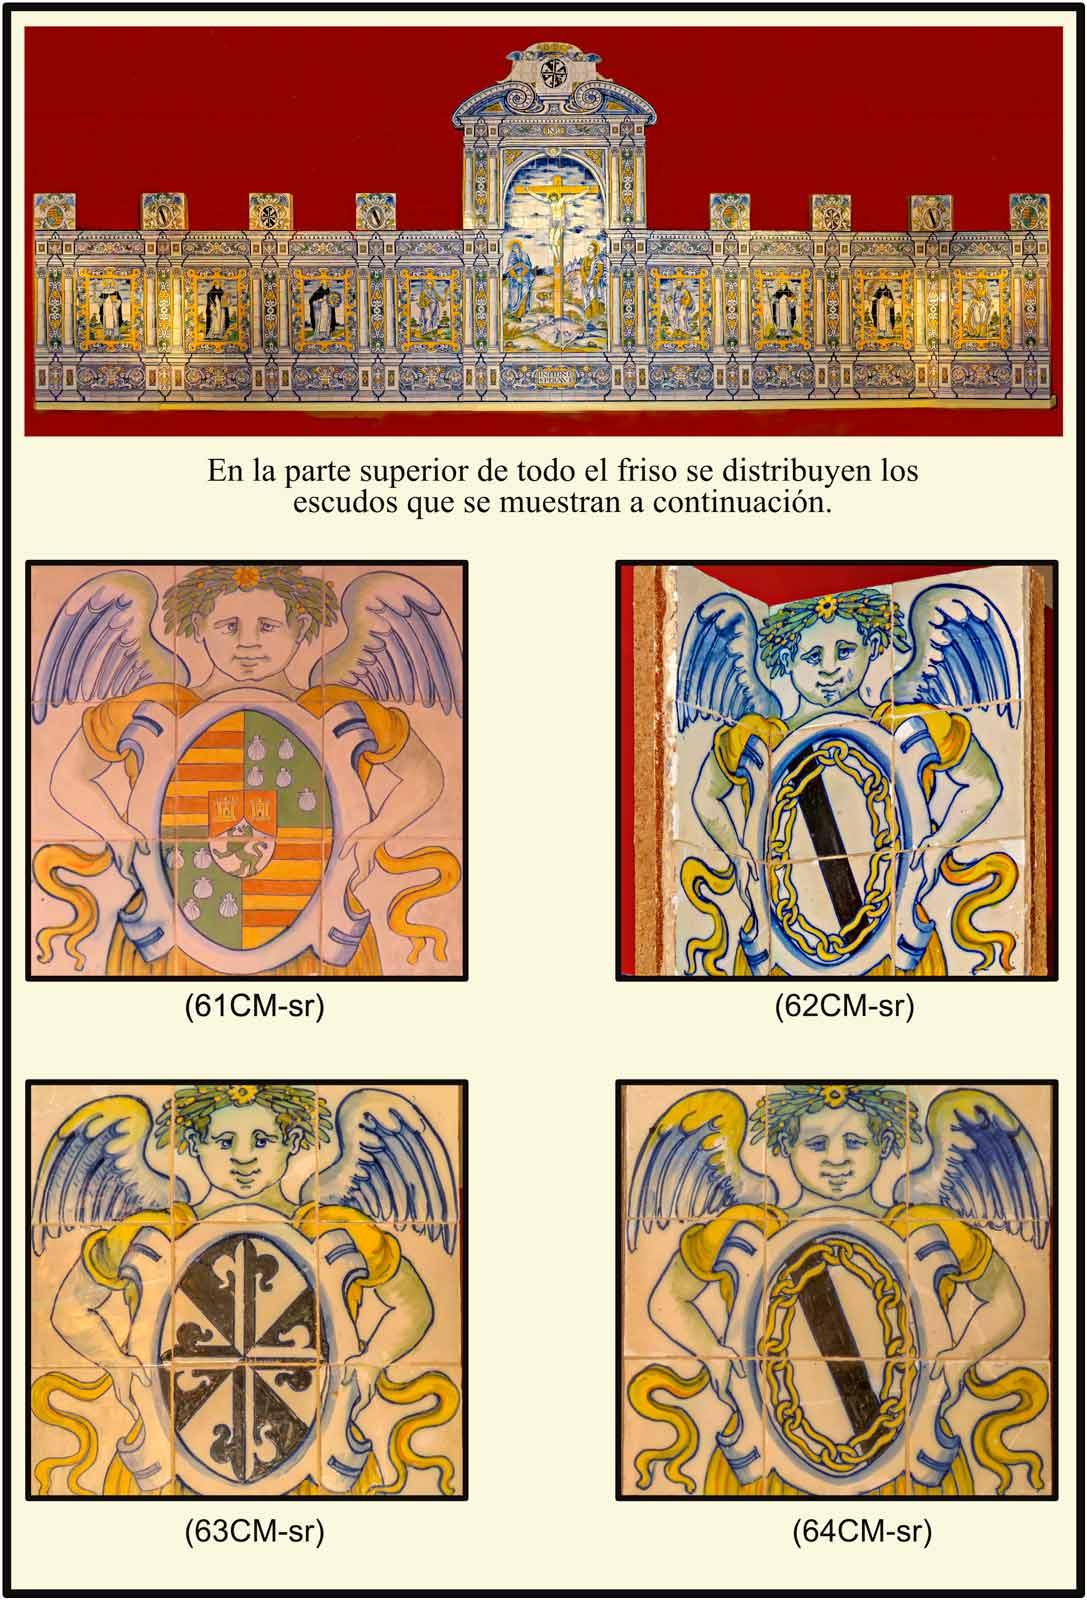 azulejos de la sacristia del convento de San Vicente Escudos Pimentel Zuñiga Predicadores